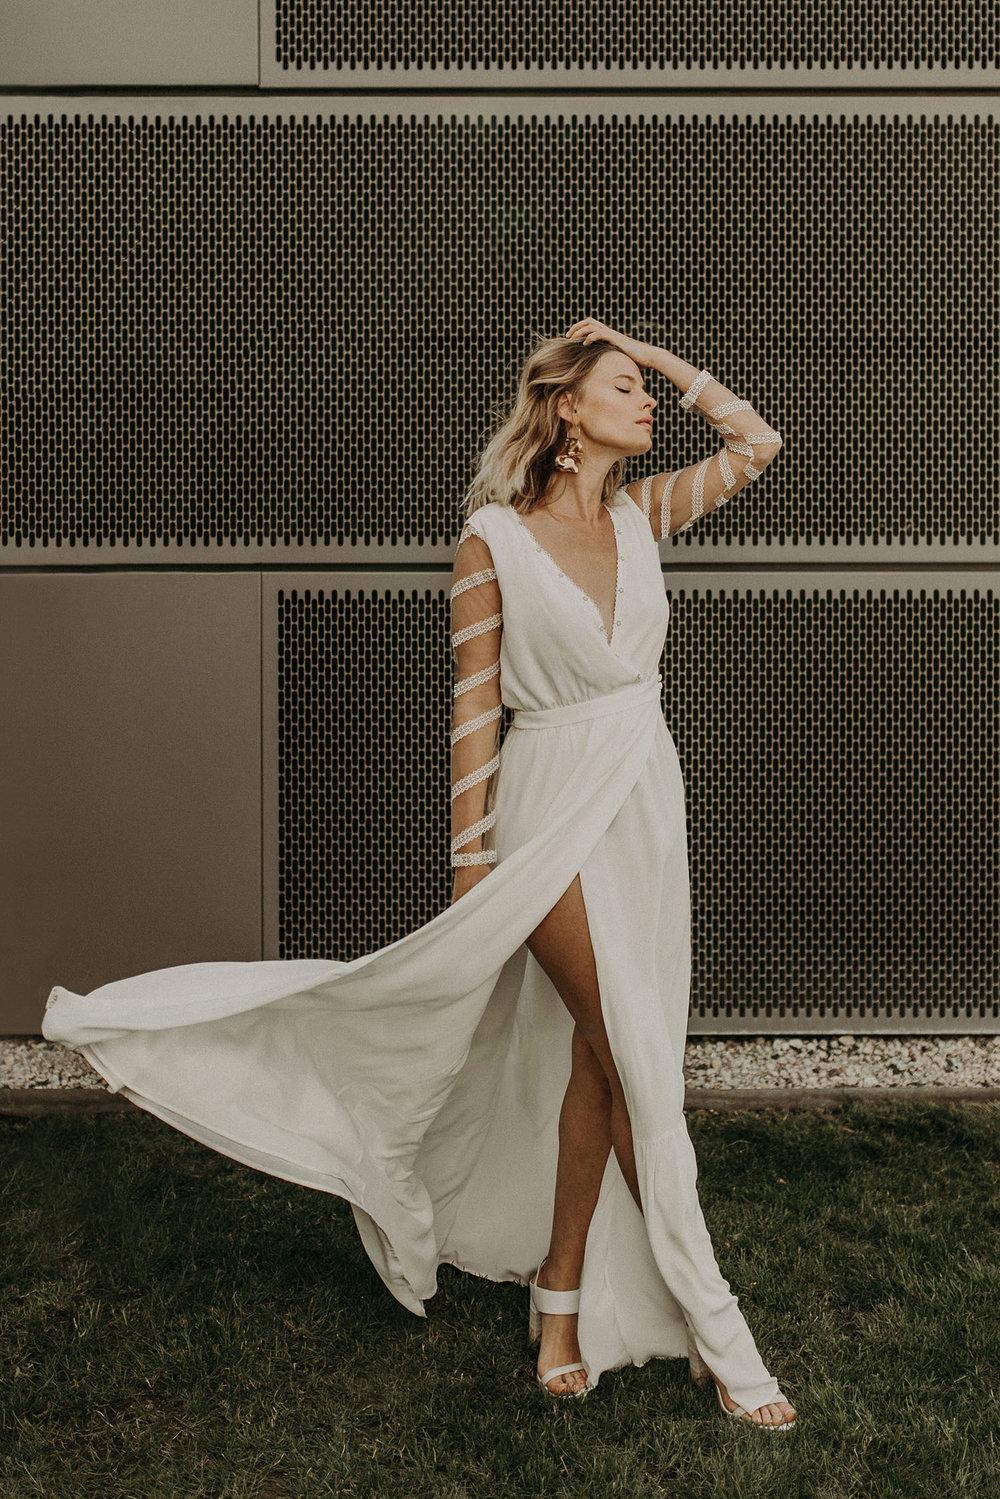 camillemarguet-robe-de-mariée-2019-paris-nolita-7LD.jpg